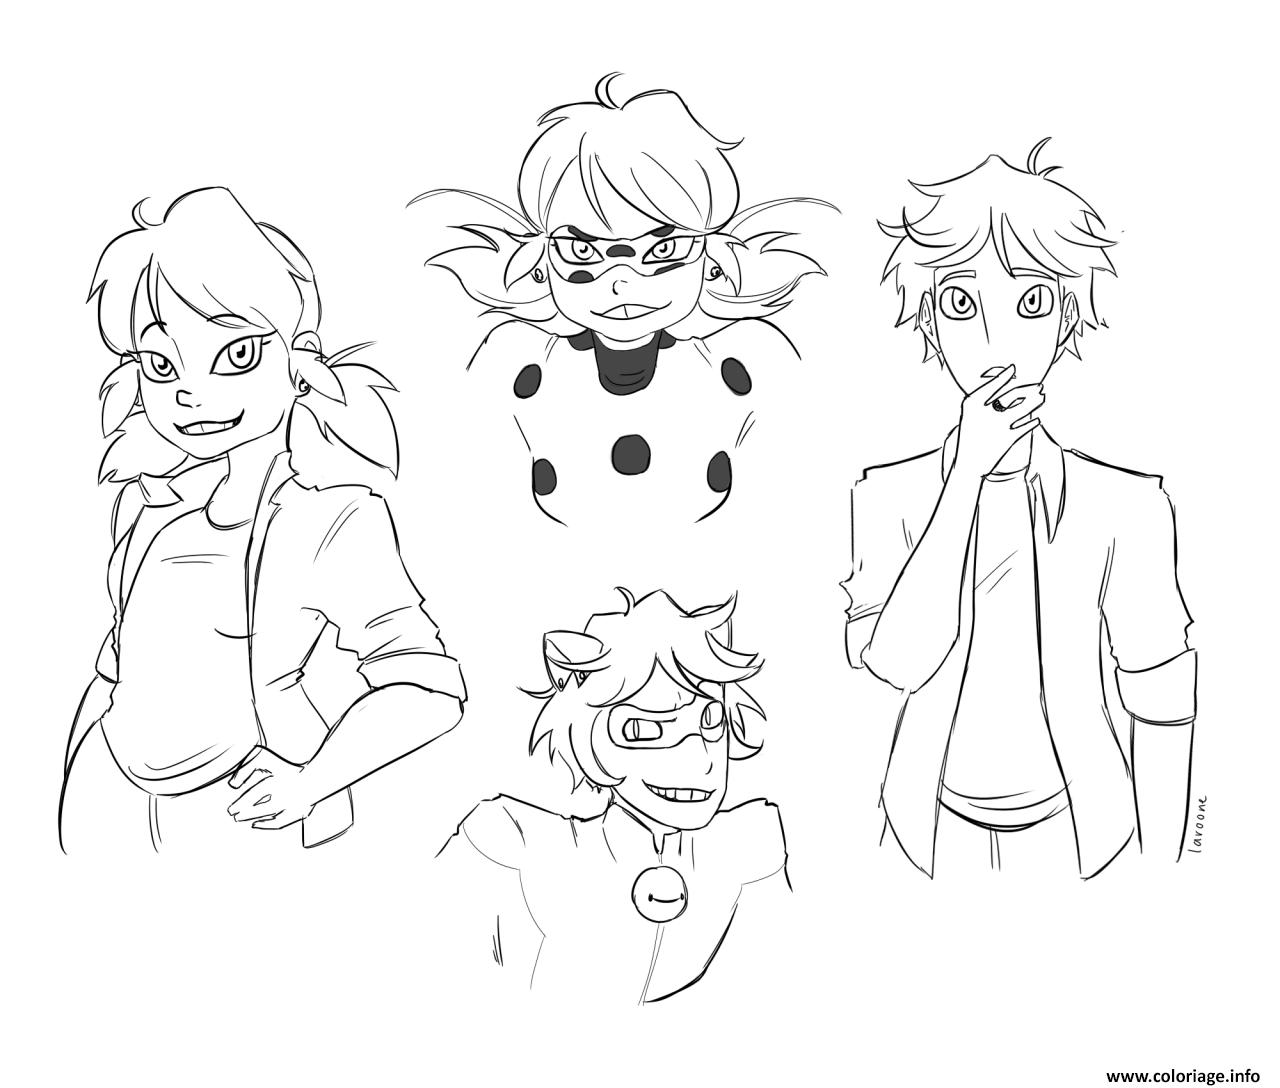 Coloriage Personnages Demiraculous Ladybug Chat Noir Dessin